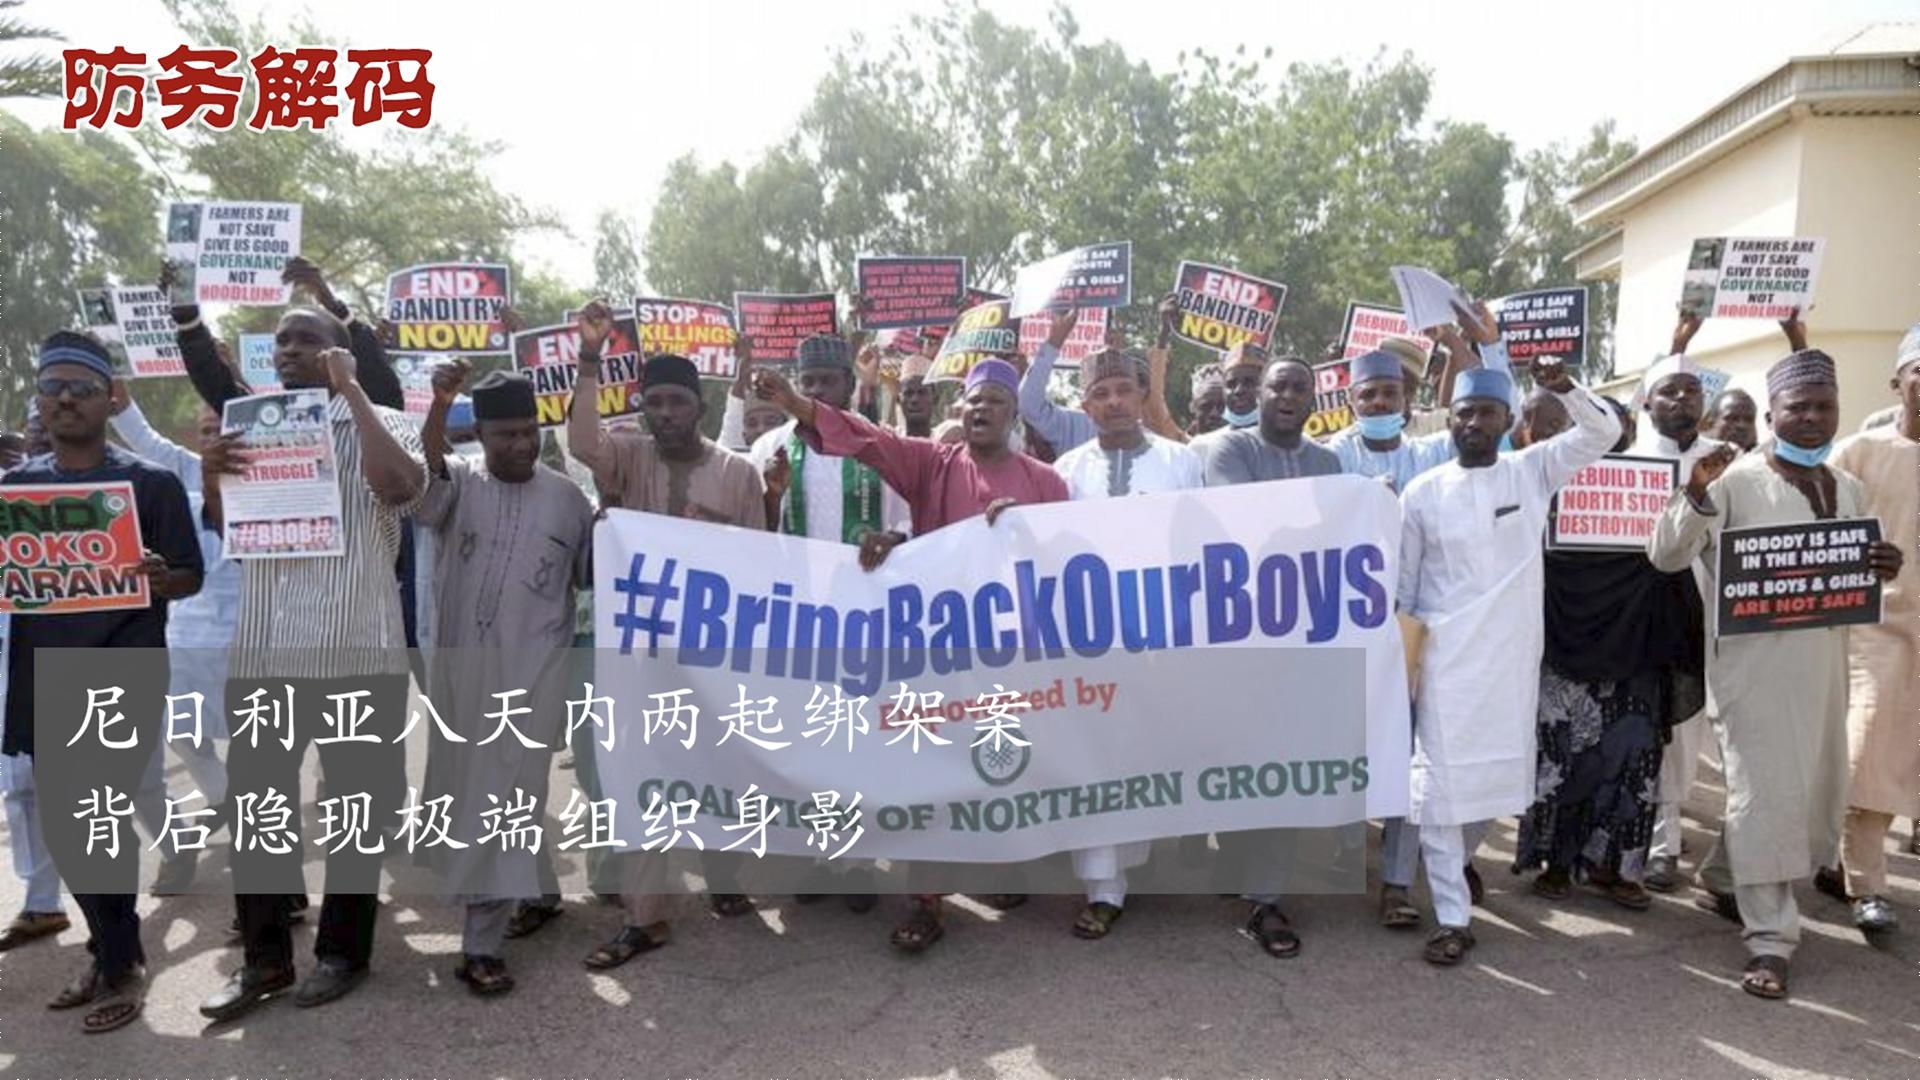 尼日利亞兩周內三起襲擊案,背后隱現極端組織身影